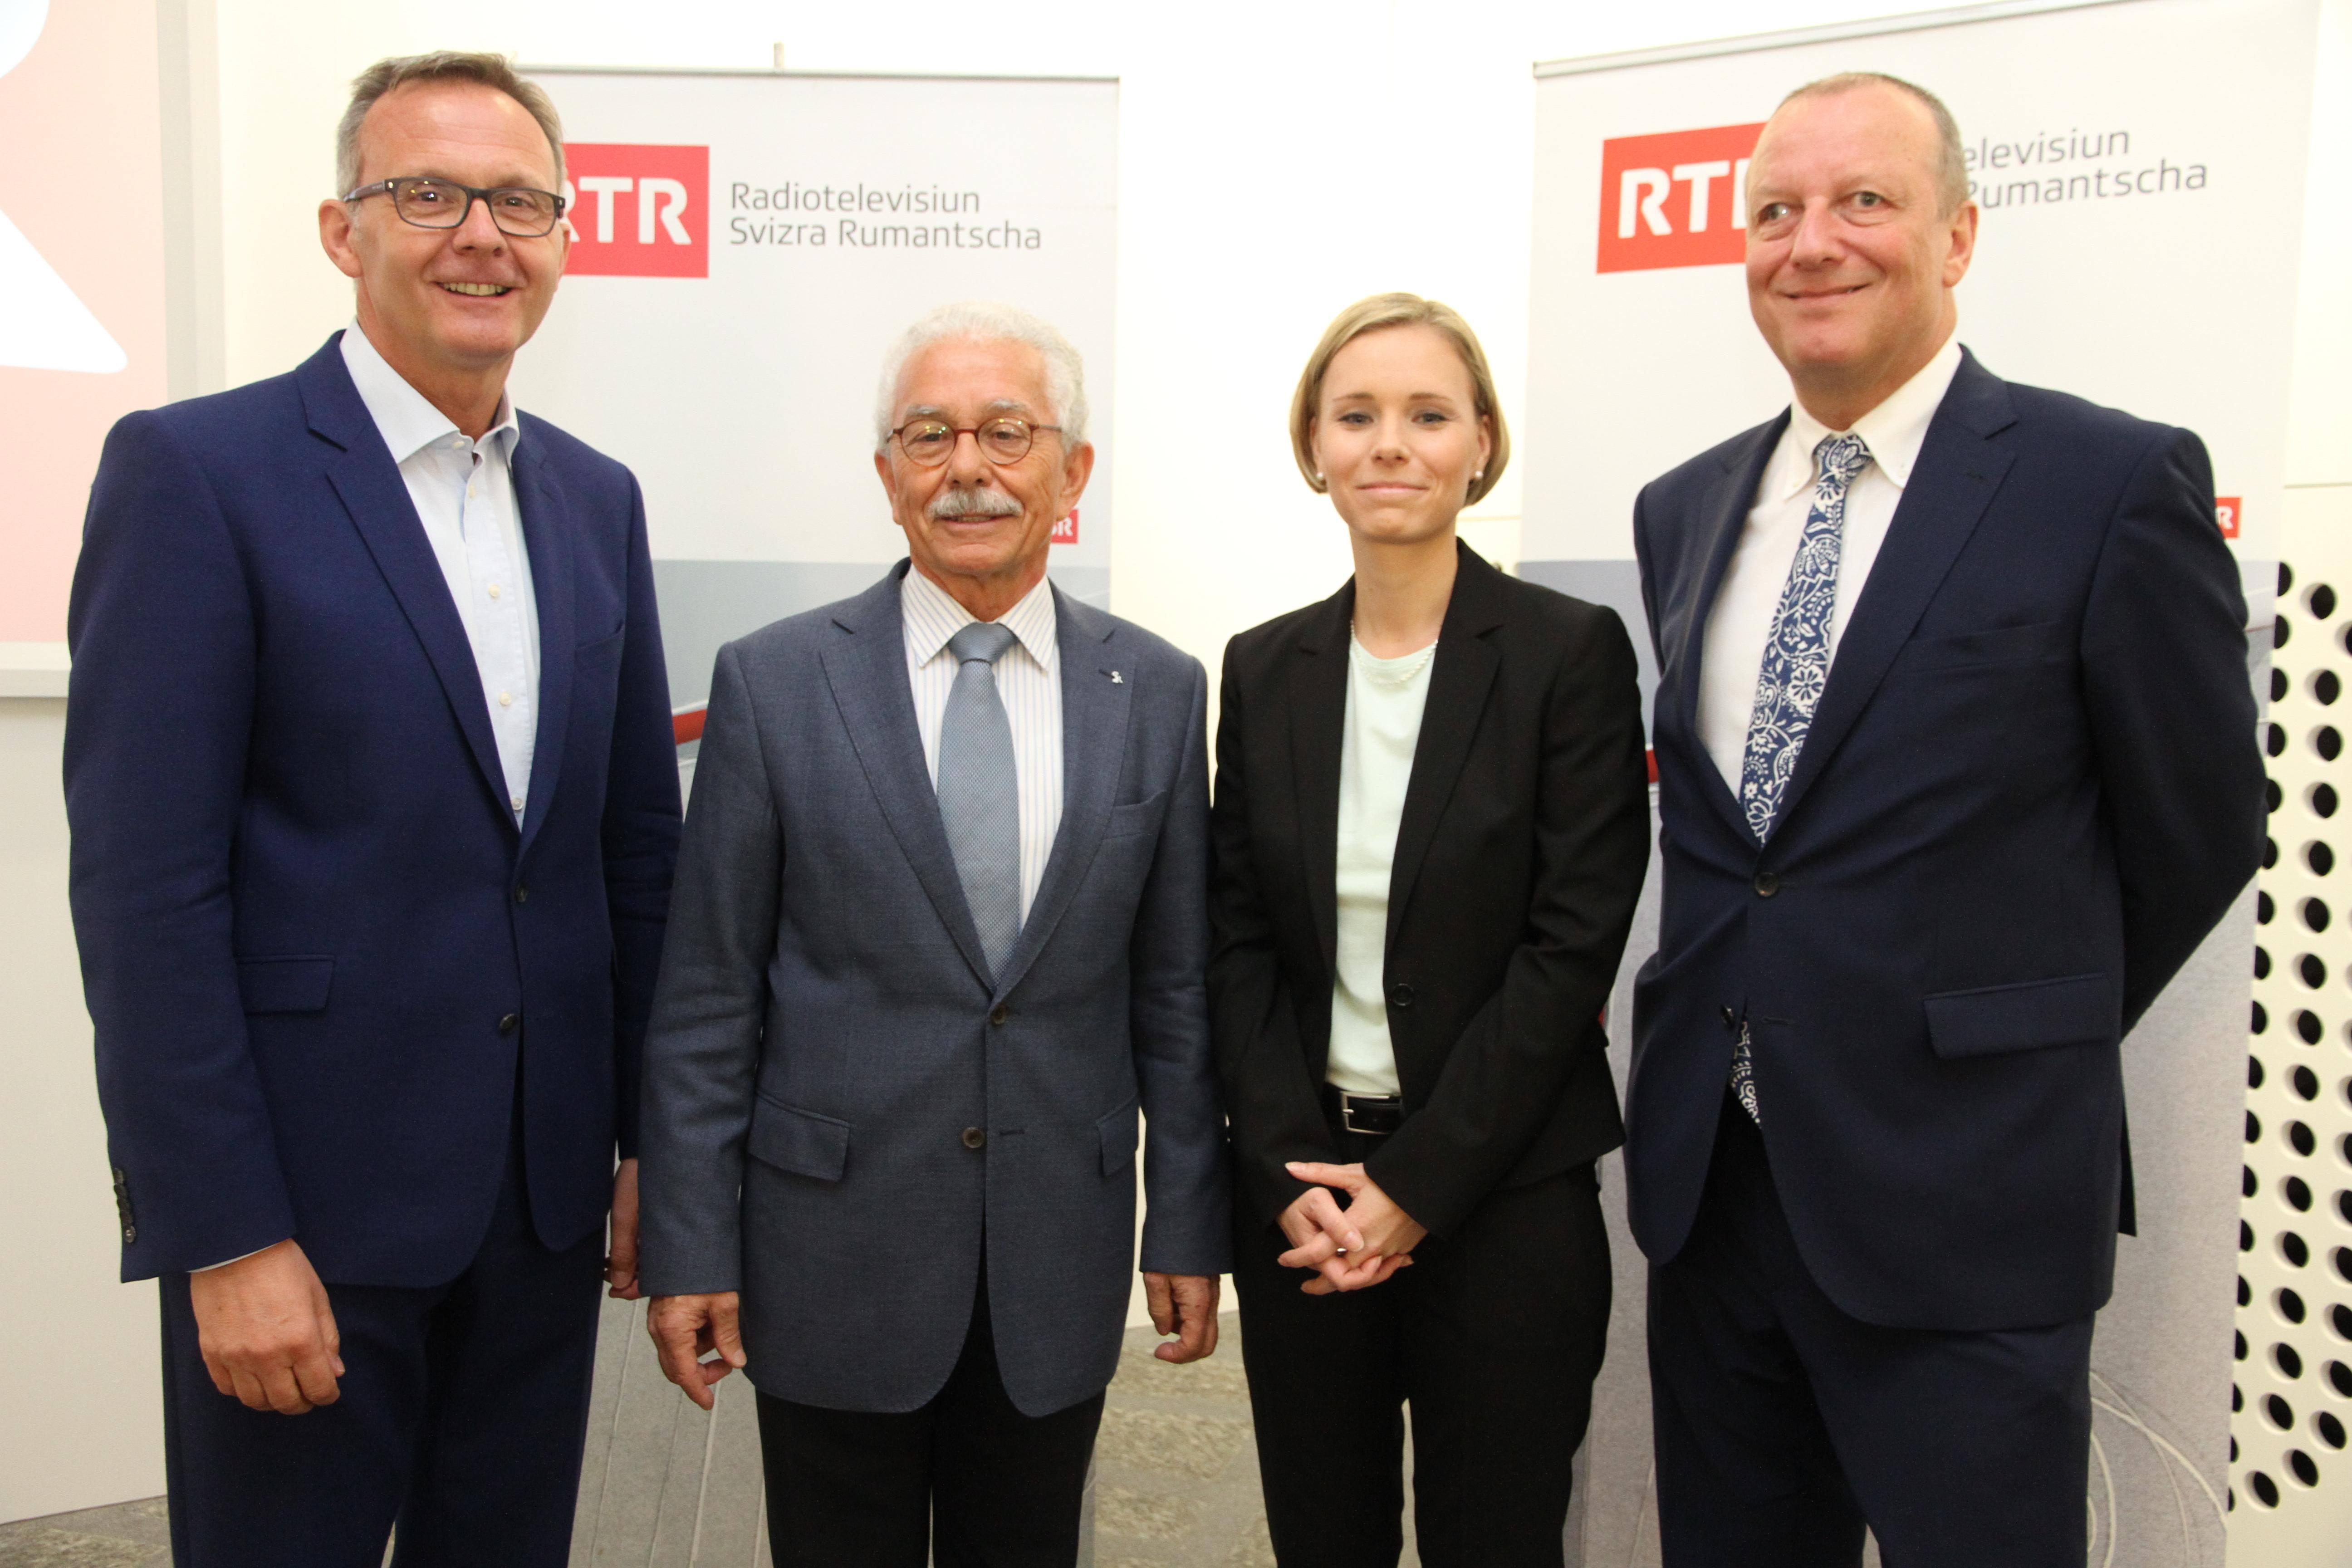 Da san.: Mariano Tschuor, il directur actual da RTR; Oscar Knapp, il president da la SRG.R; Ladina Heimgartner, la directura futura da RTR; e Roger de Weck, il directur general da la SRG SSR.